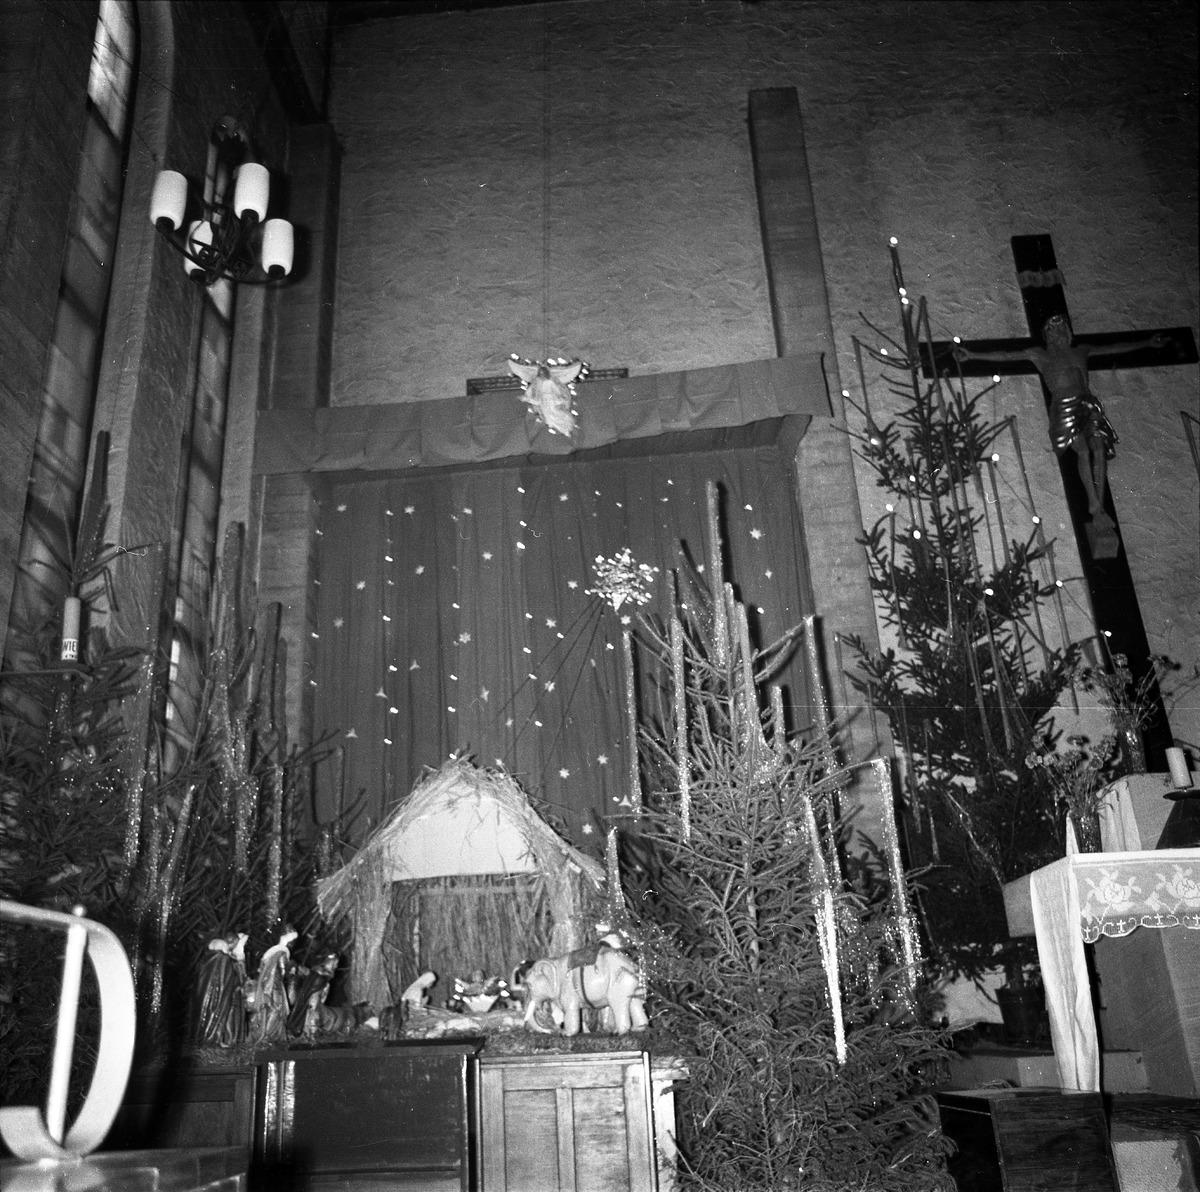 Szopka Bożonarodzeniowa w kościele św. Brunona, 1970 r. [3]